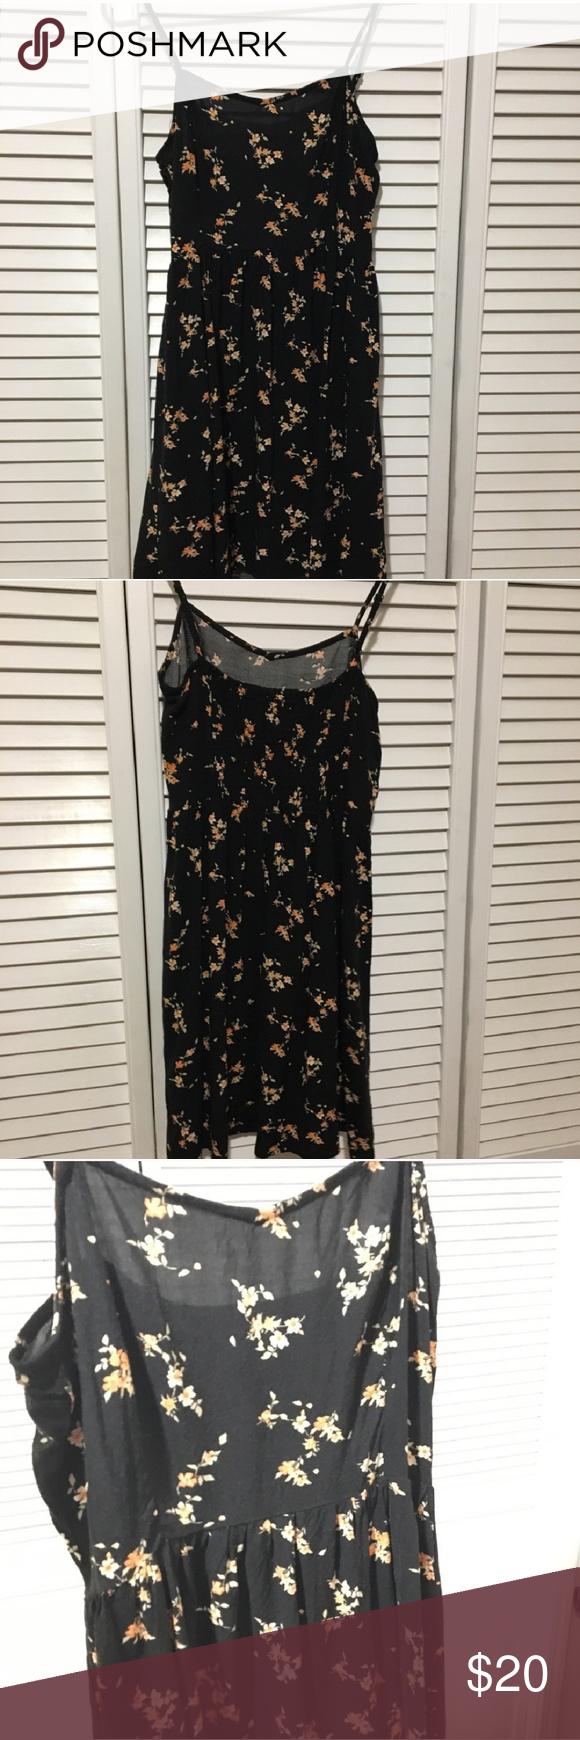 Black Divided H M Floral Dress Floral Dress Divided H M Dresses [ 1740 x 580 Pixel ]